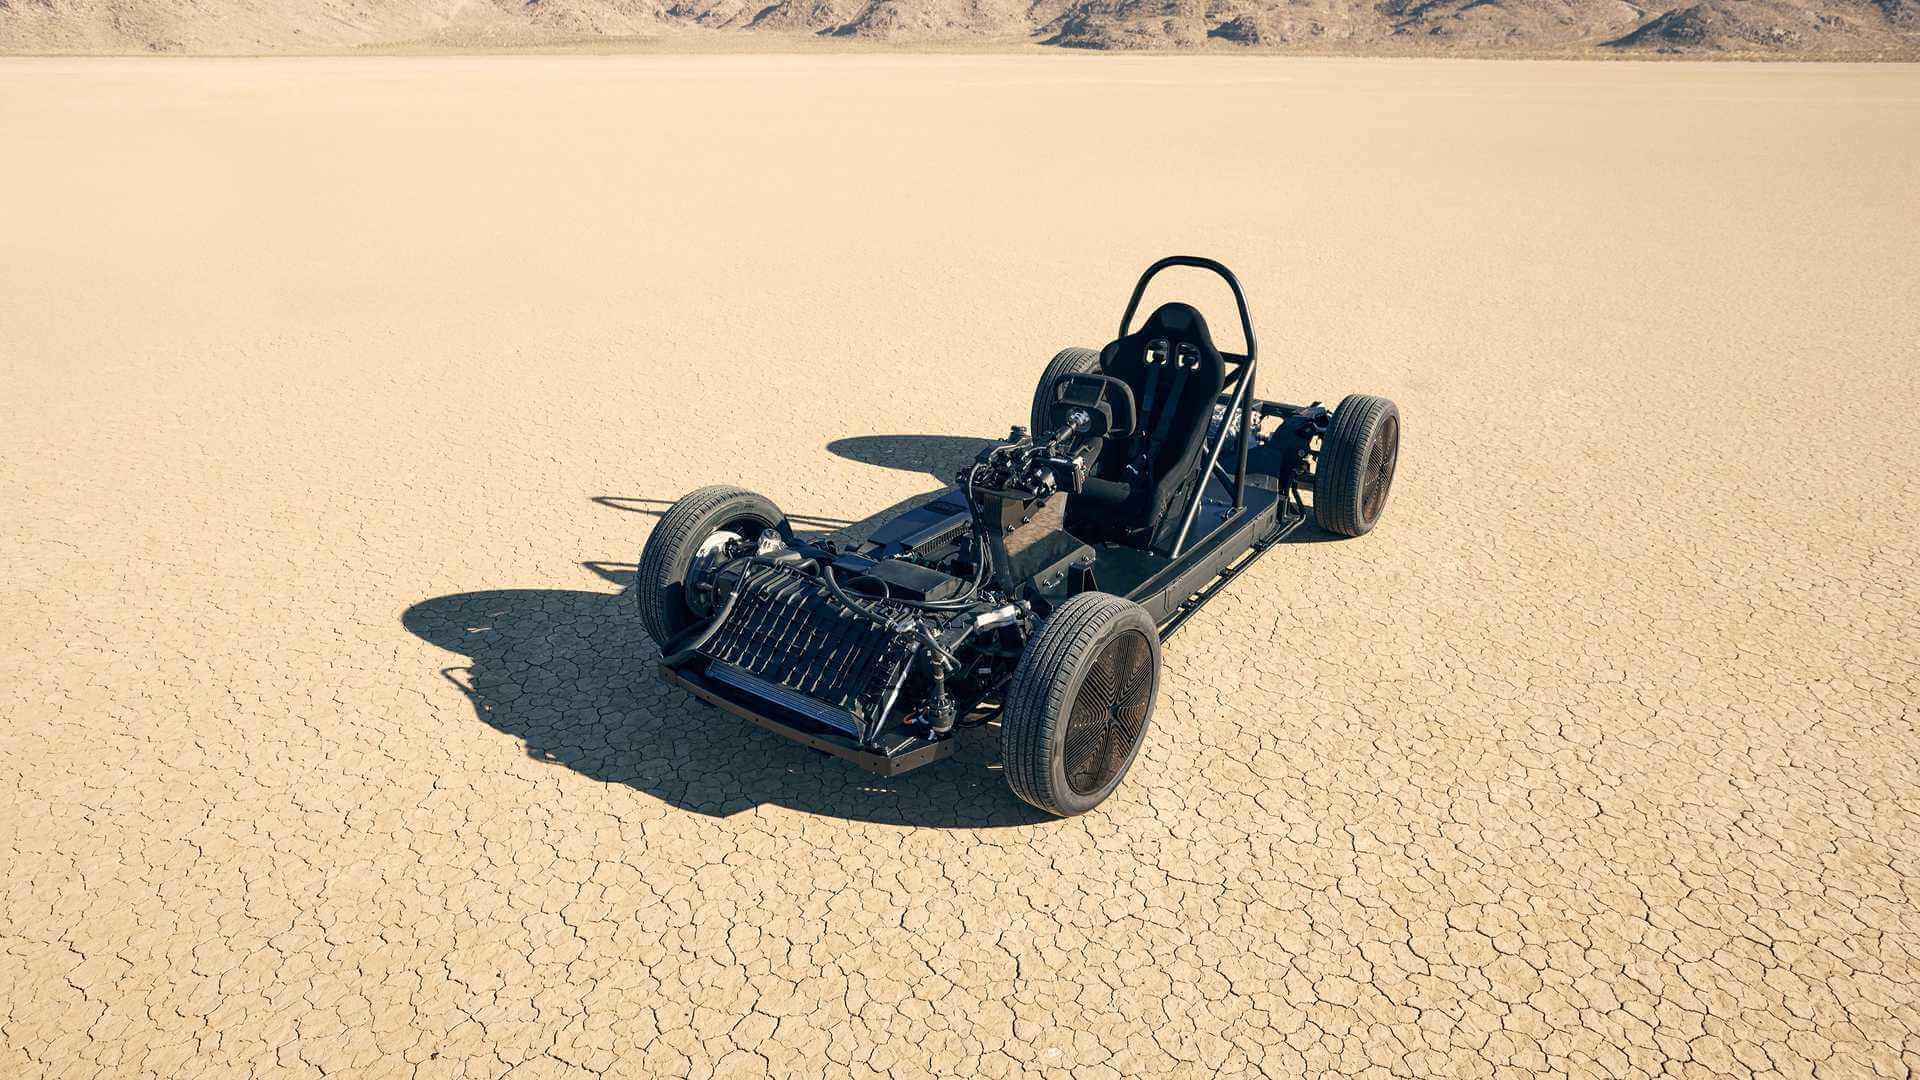 Canoo тестирует платформу-скейтборд в калифорнийской пустыне